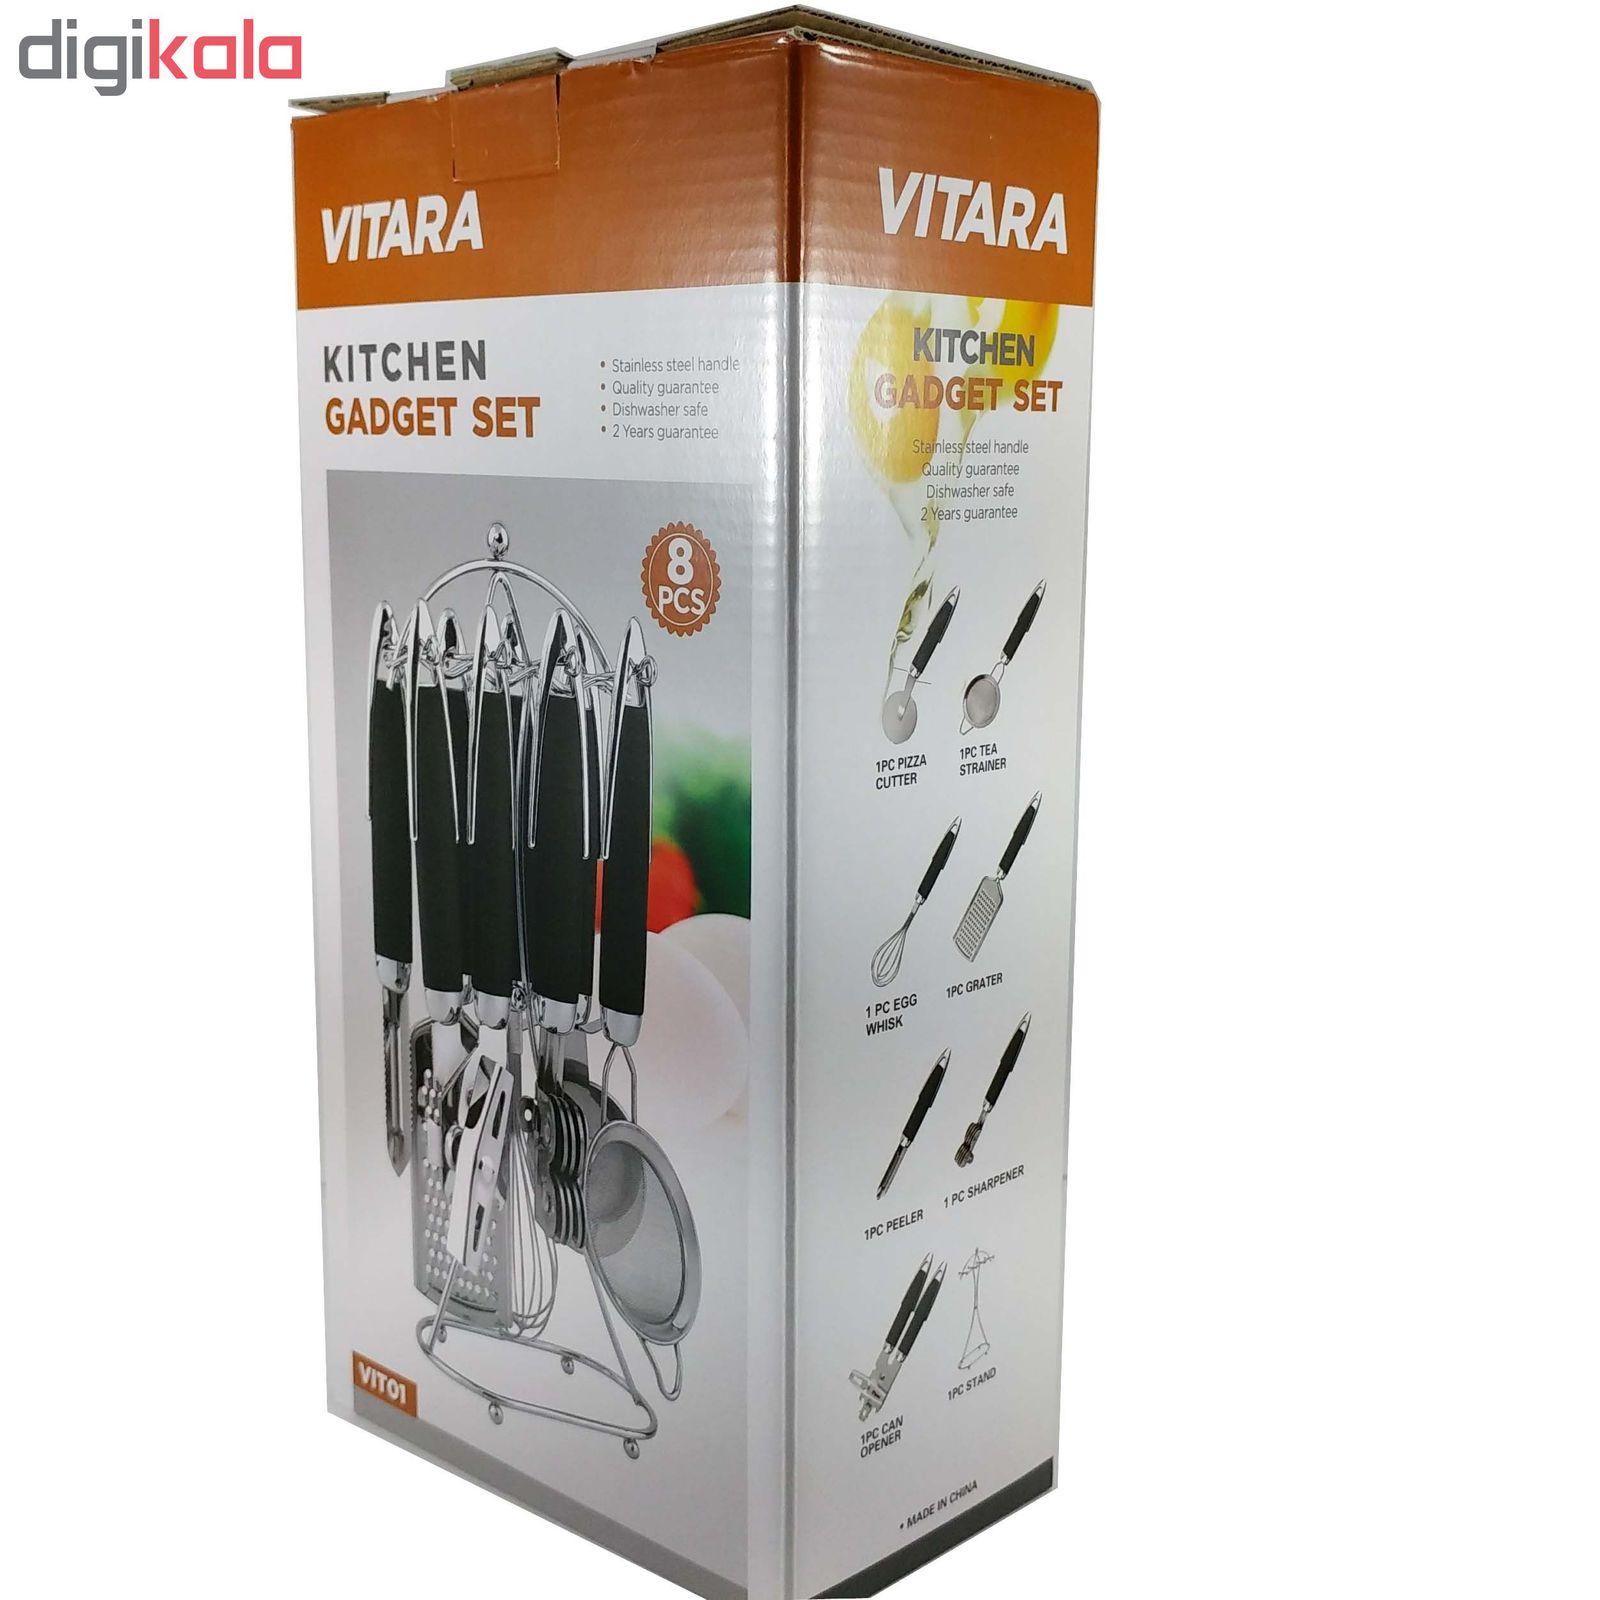 سرویس 8 پارچه ابزار آشپزخانه وی تارا مدل VIT01 main 1 3